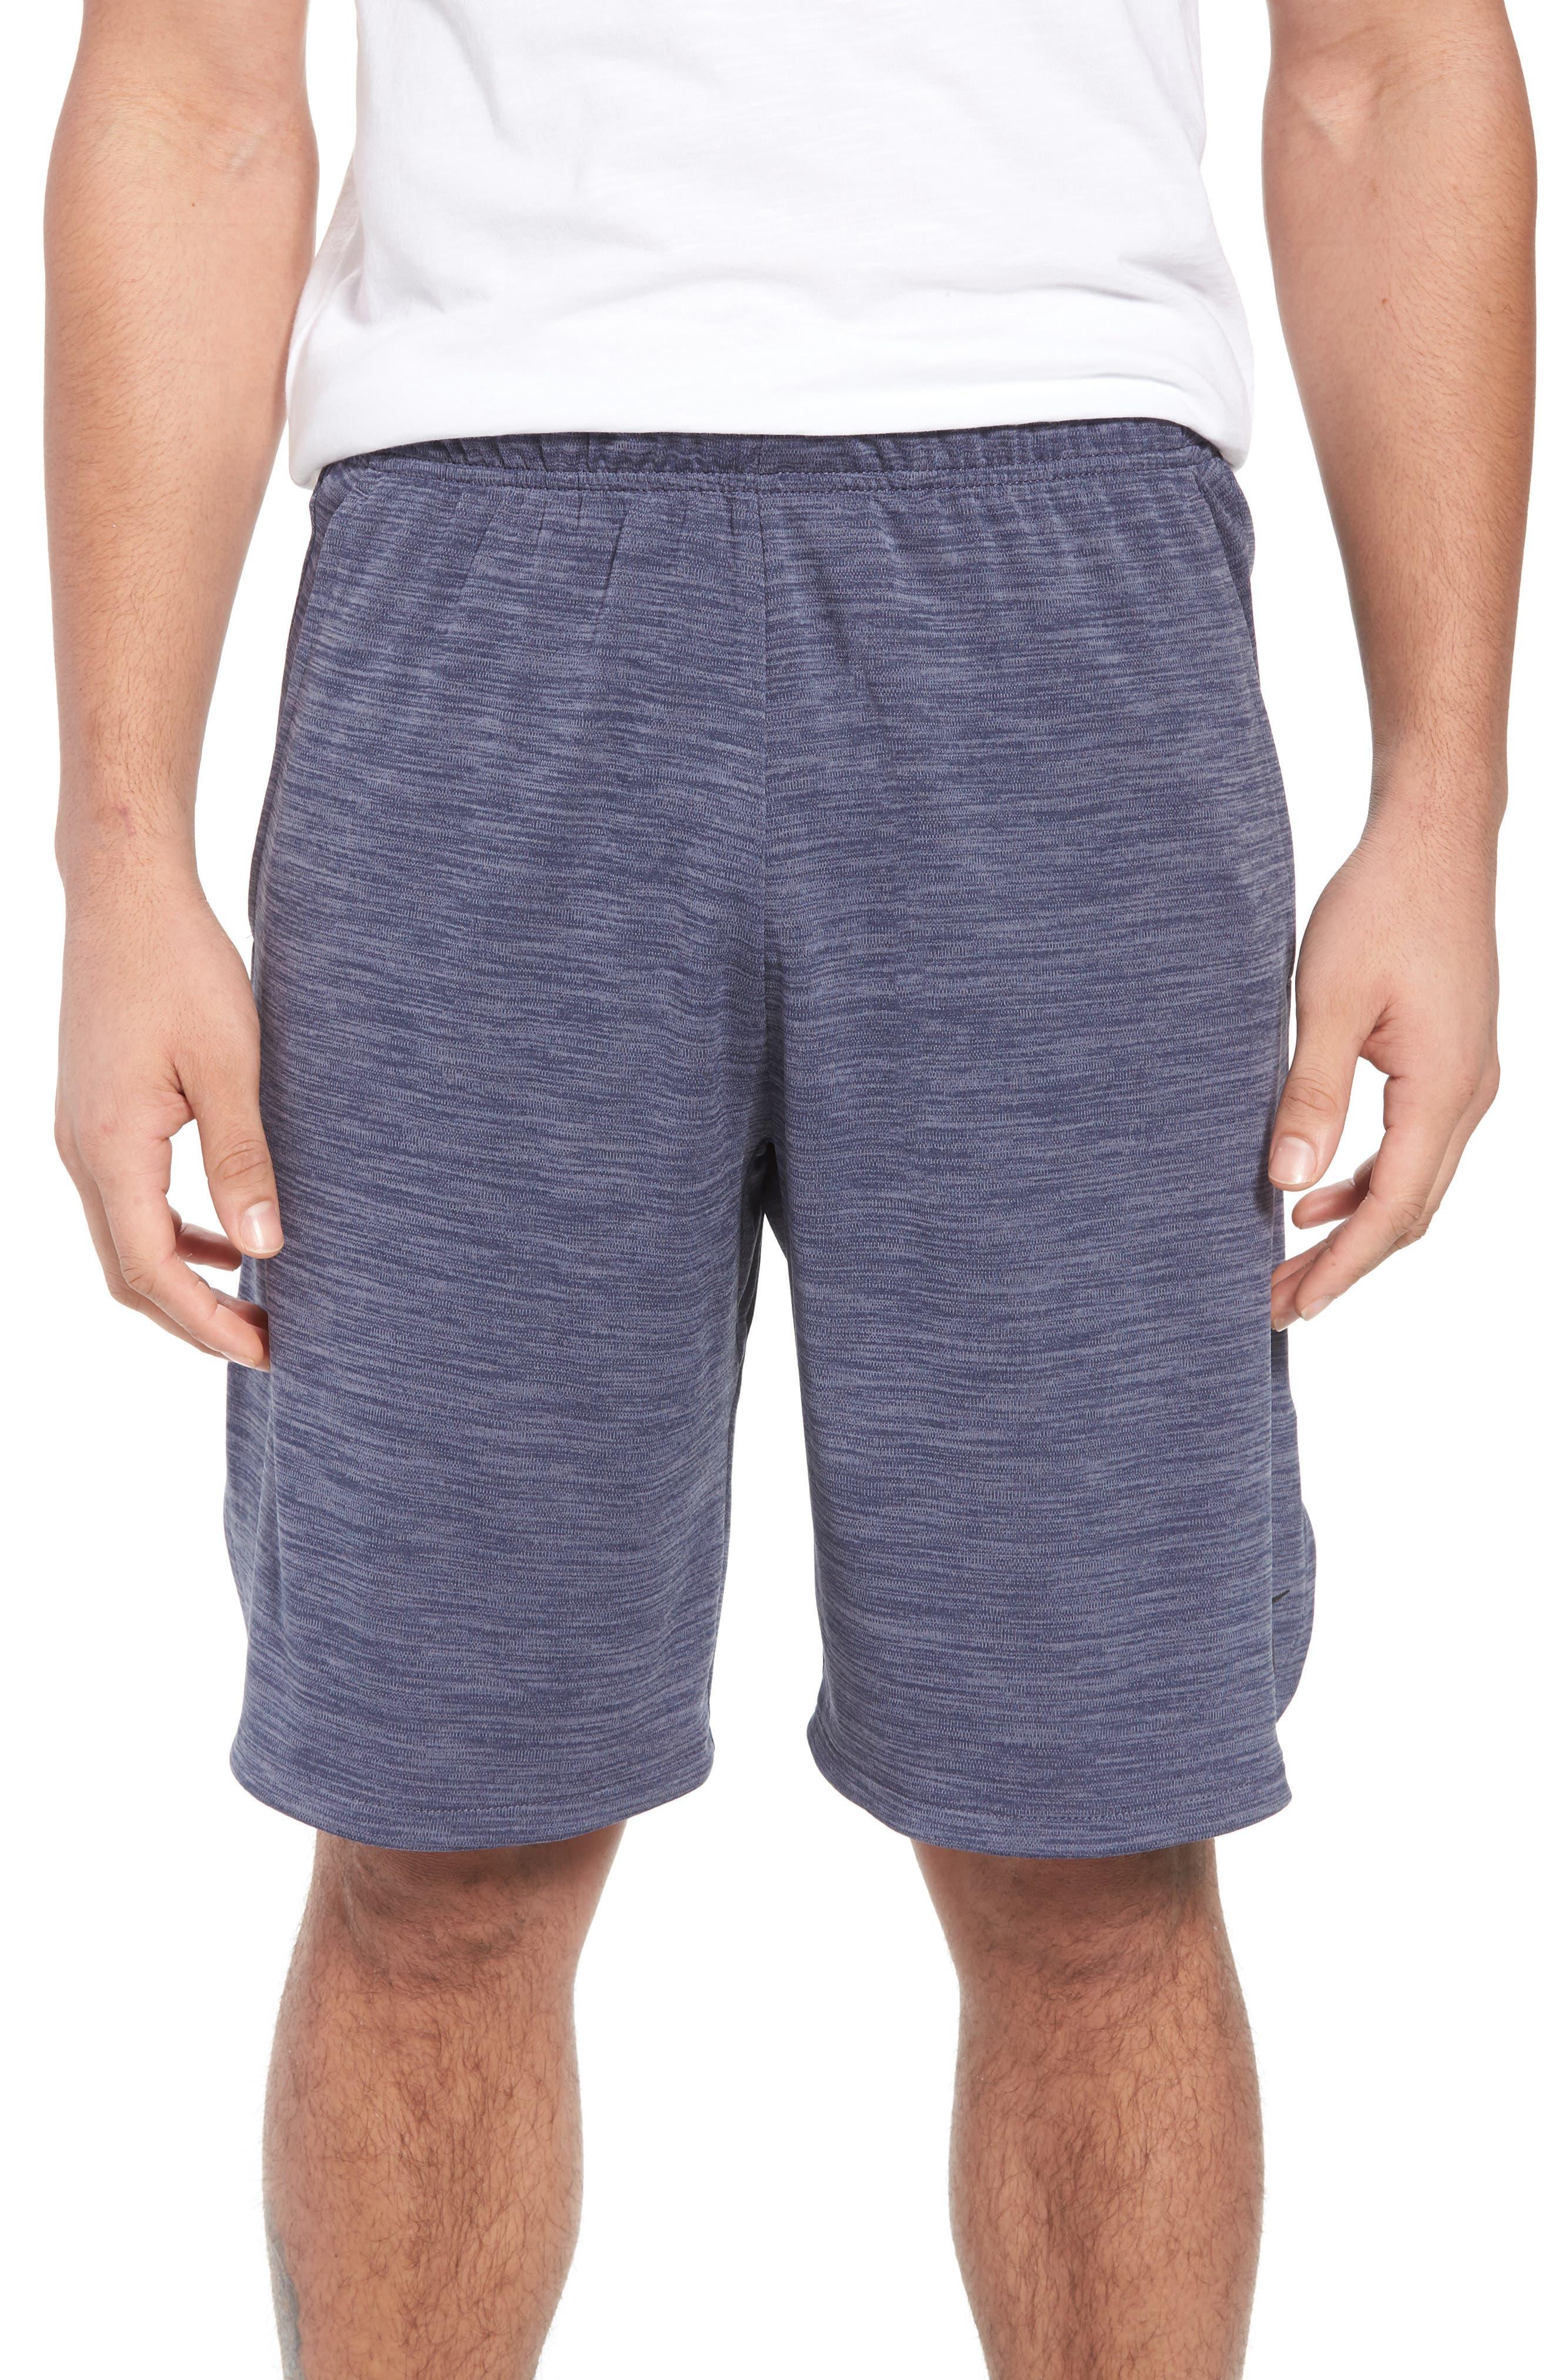 NIKE, Dry Training Shorts, Main thumbnail 1, color, LIGHT CARBON/ BLACK